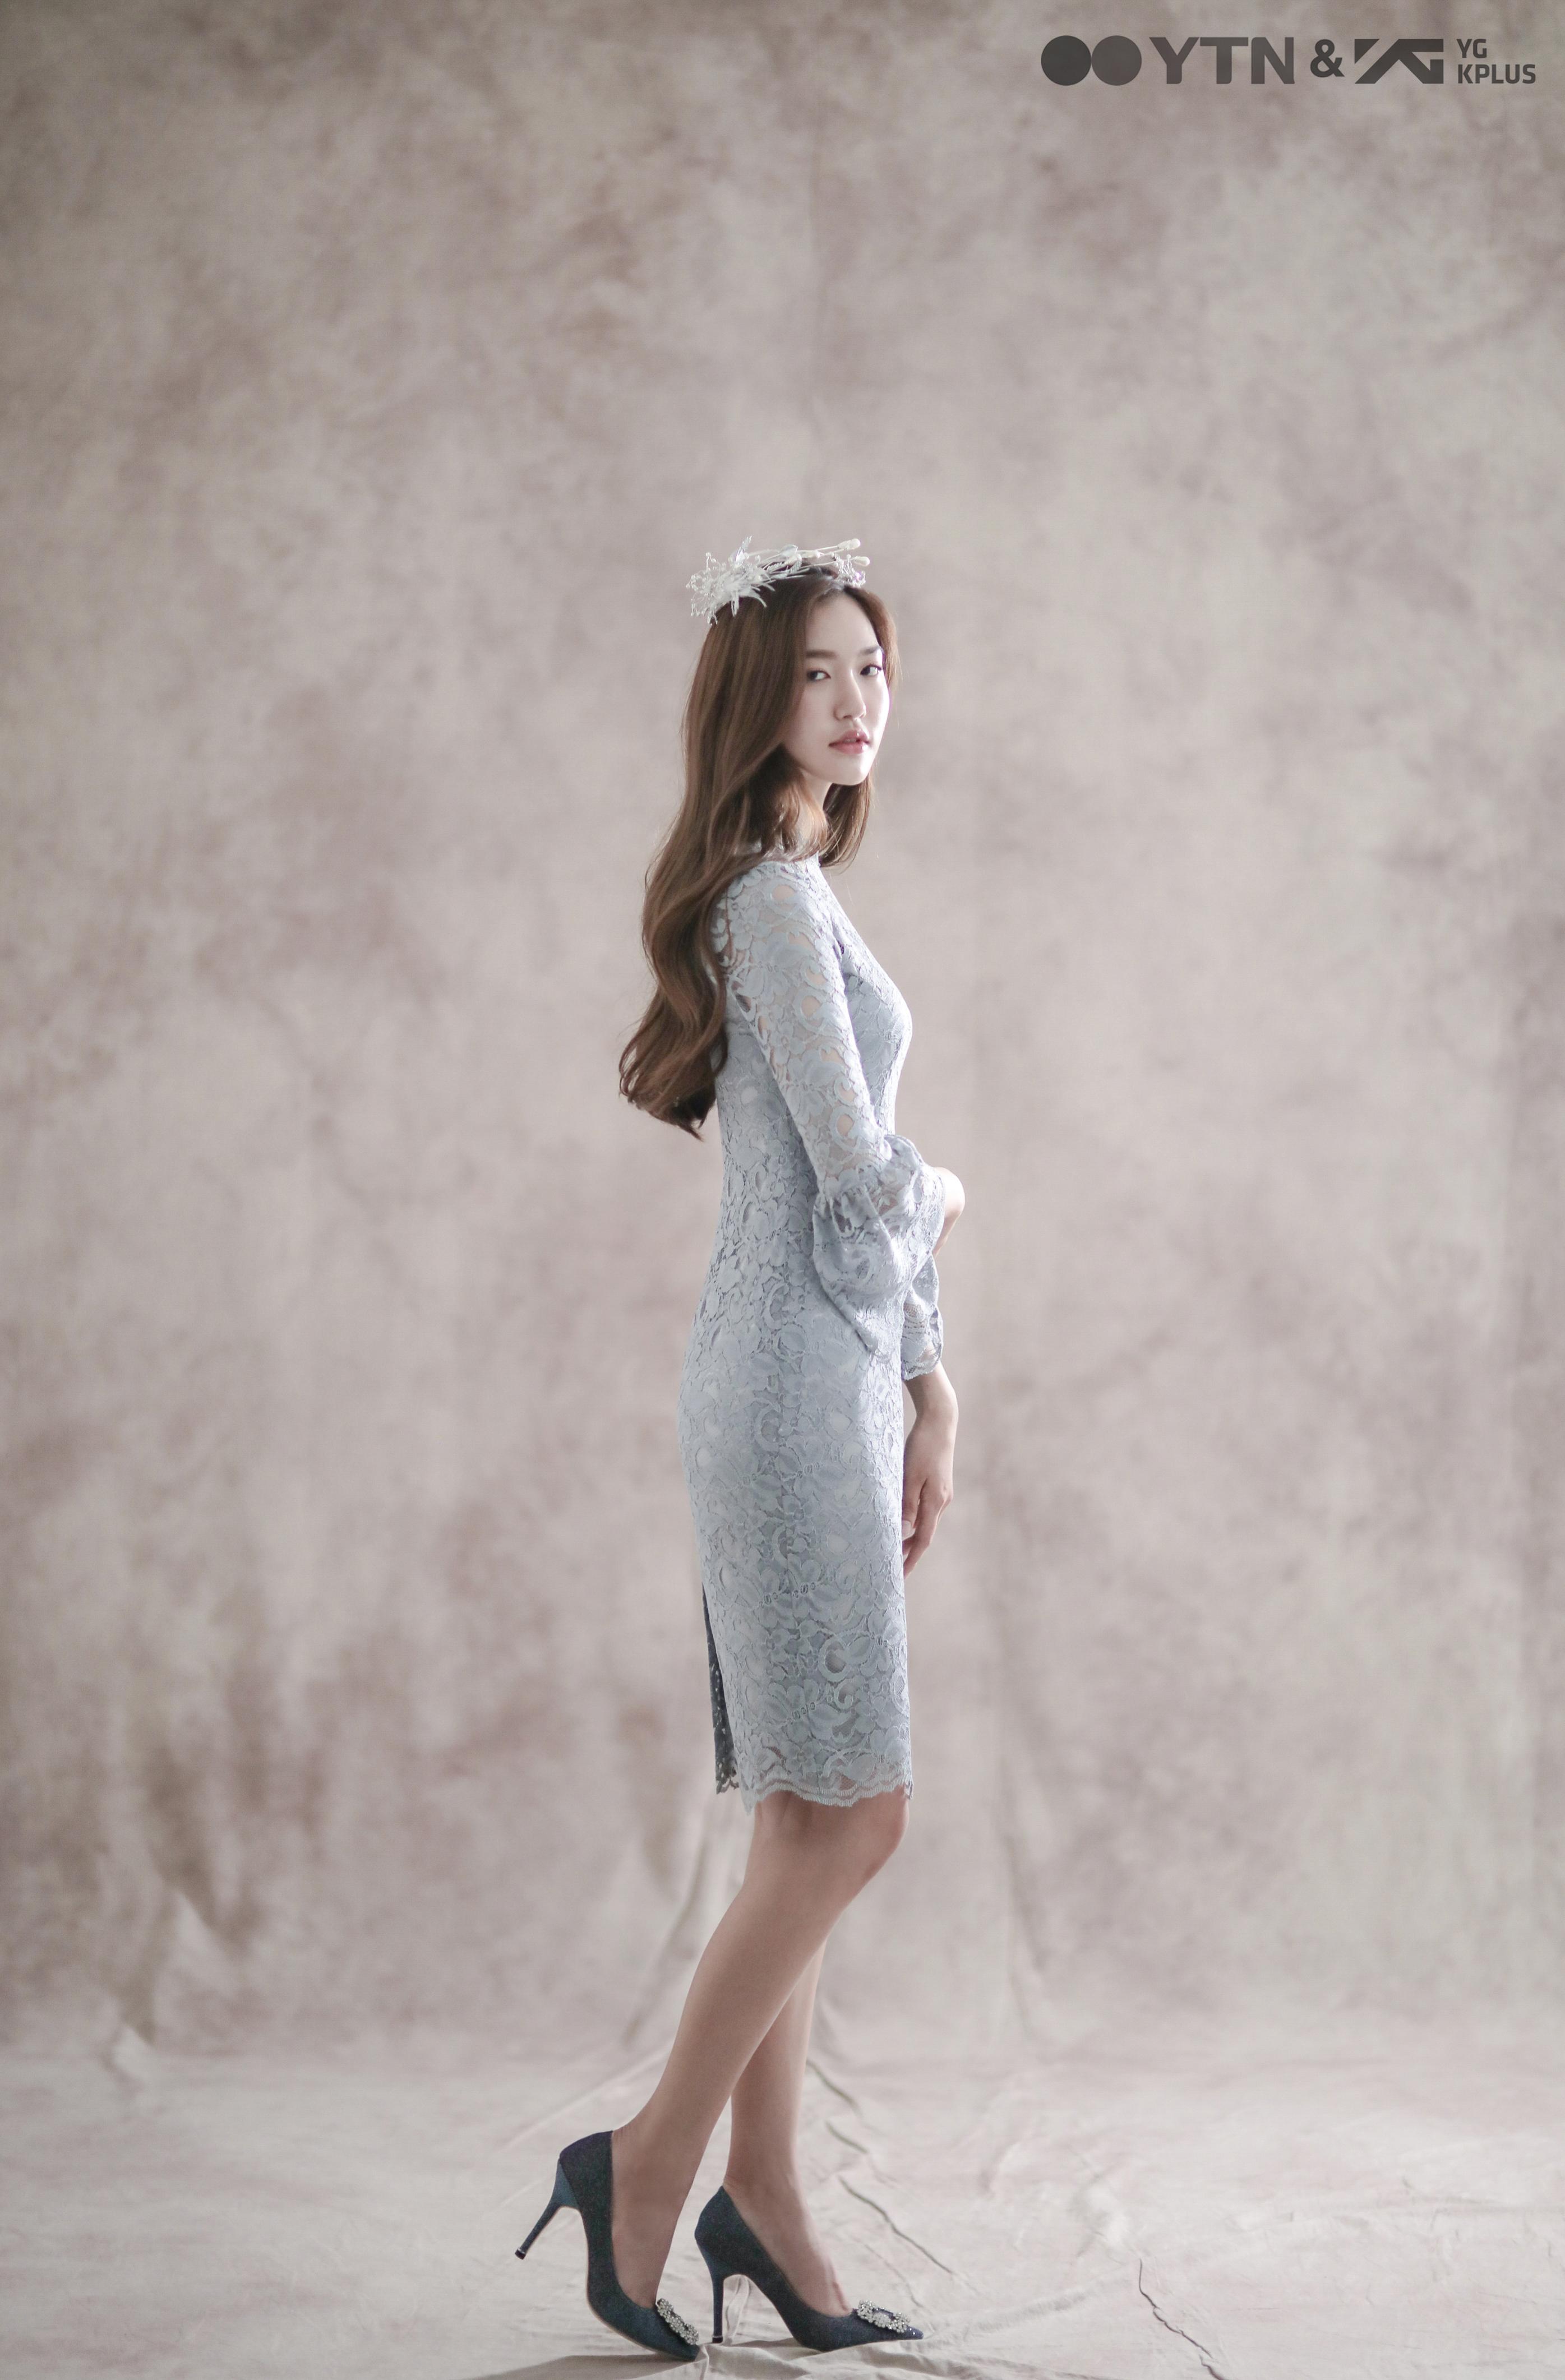 5월의 신부로 변신한 모델 손채아!